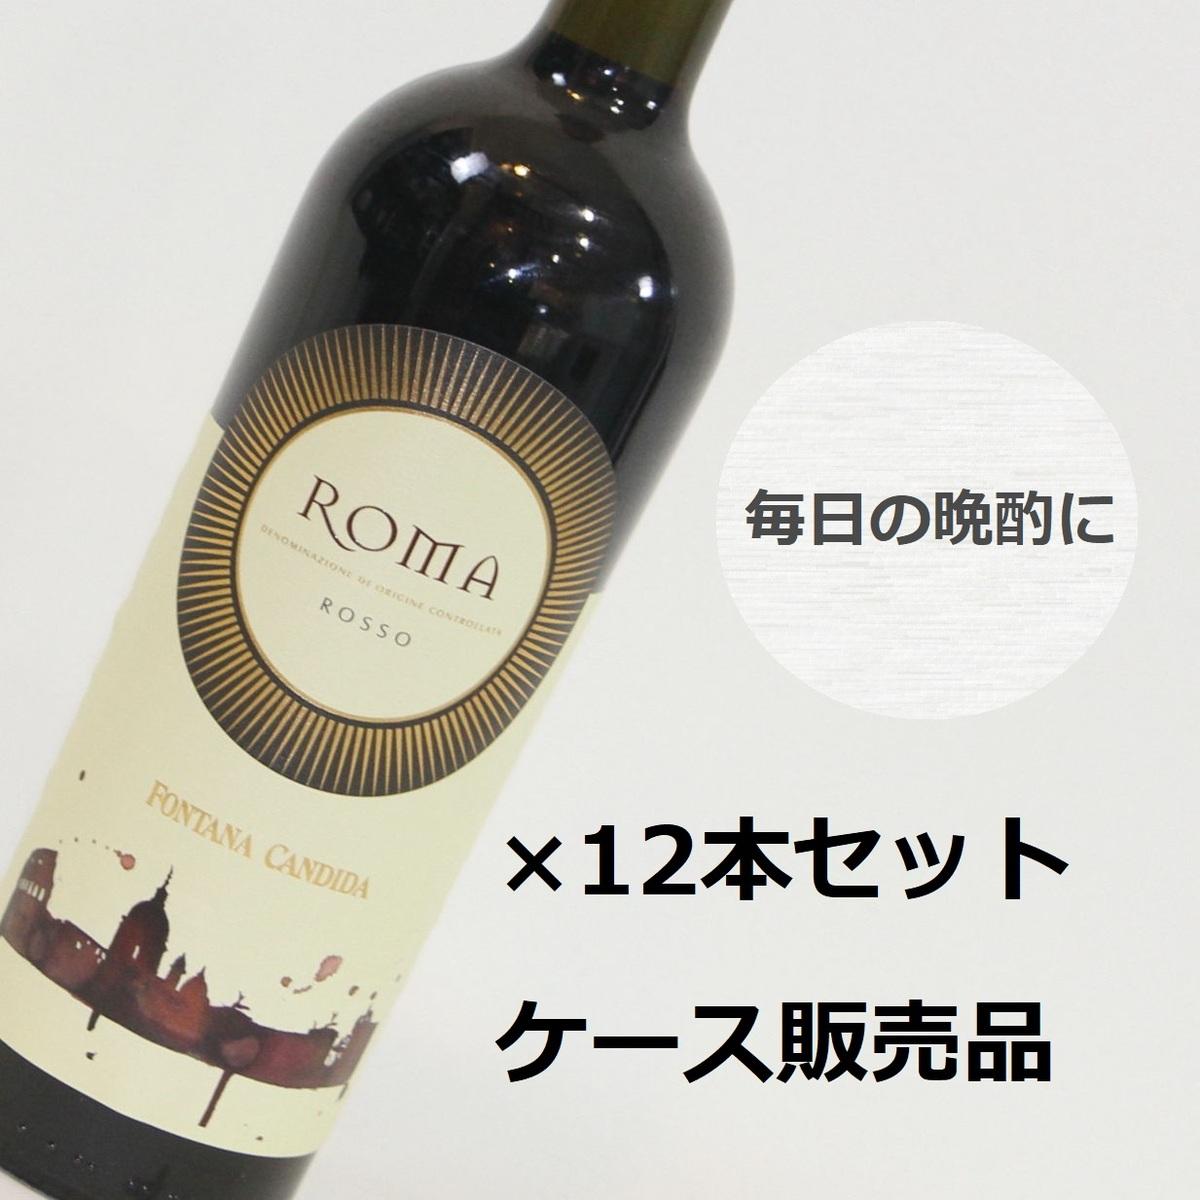 【12本セット】ローマロッソ フォンタナ カンディダ Roma Rosso Fontana Candida イタリア ローマ ラツィオ 赤ワイン 750ml